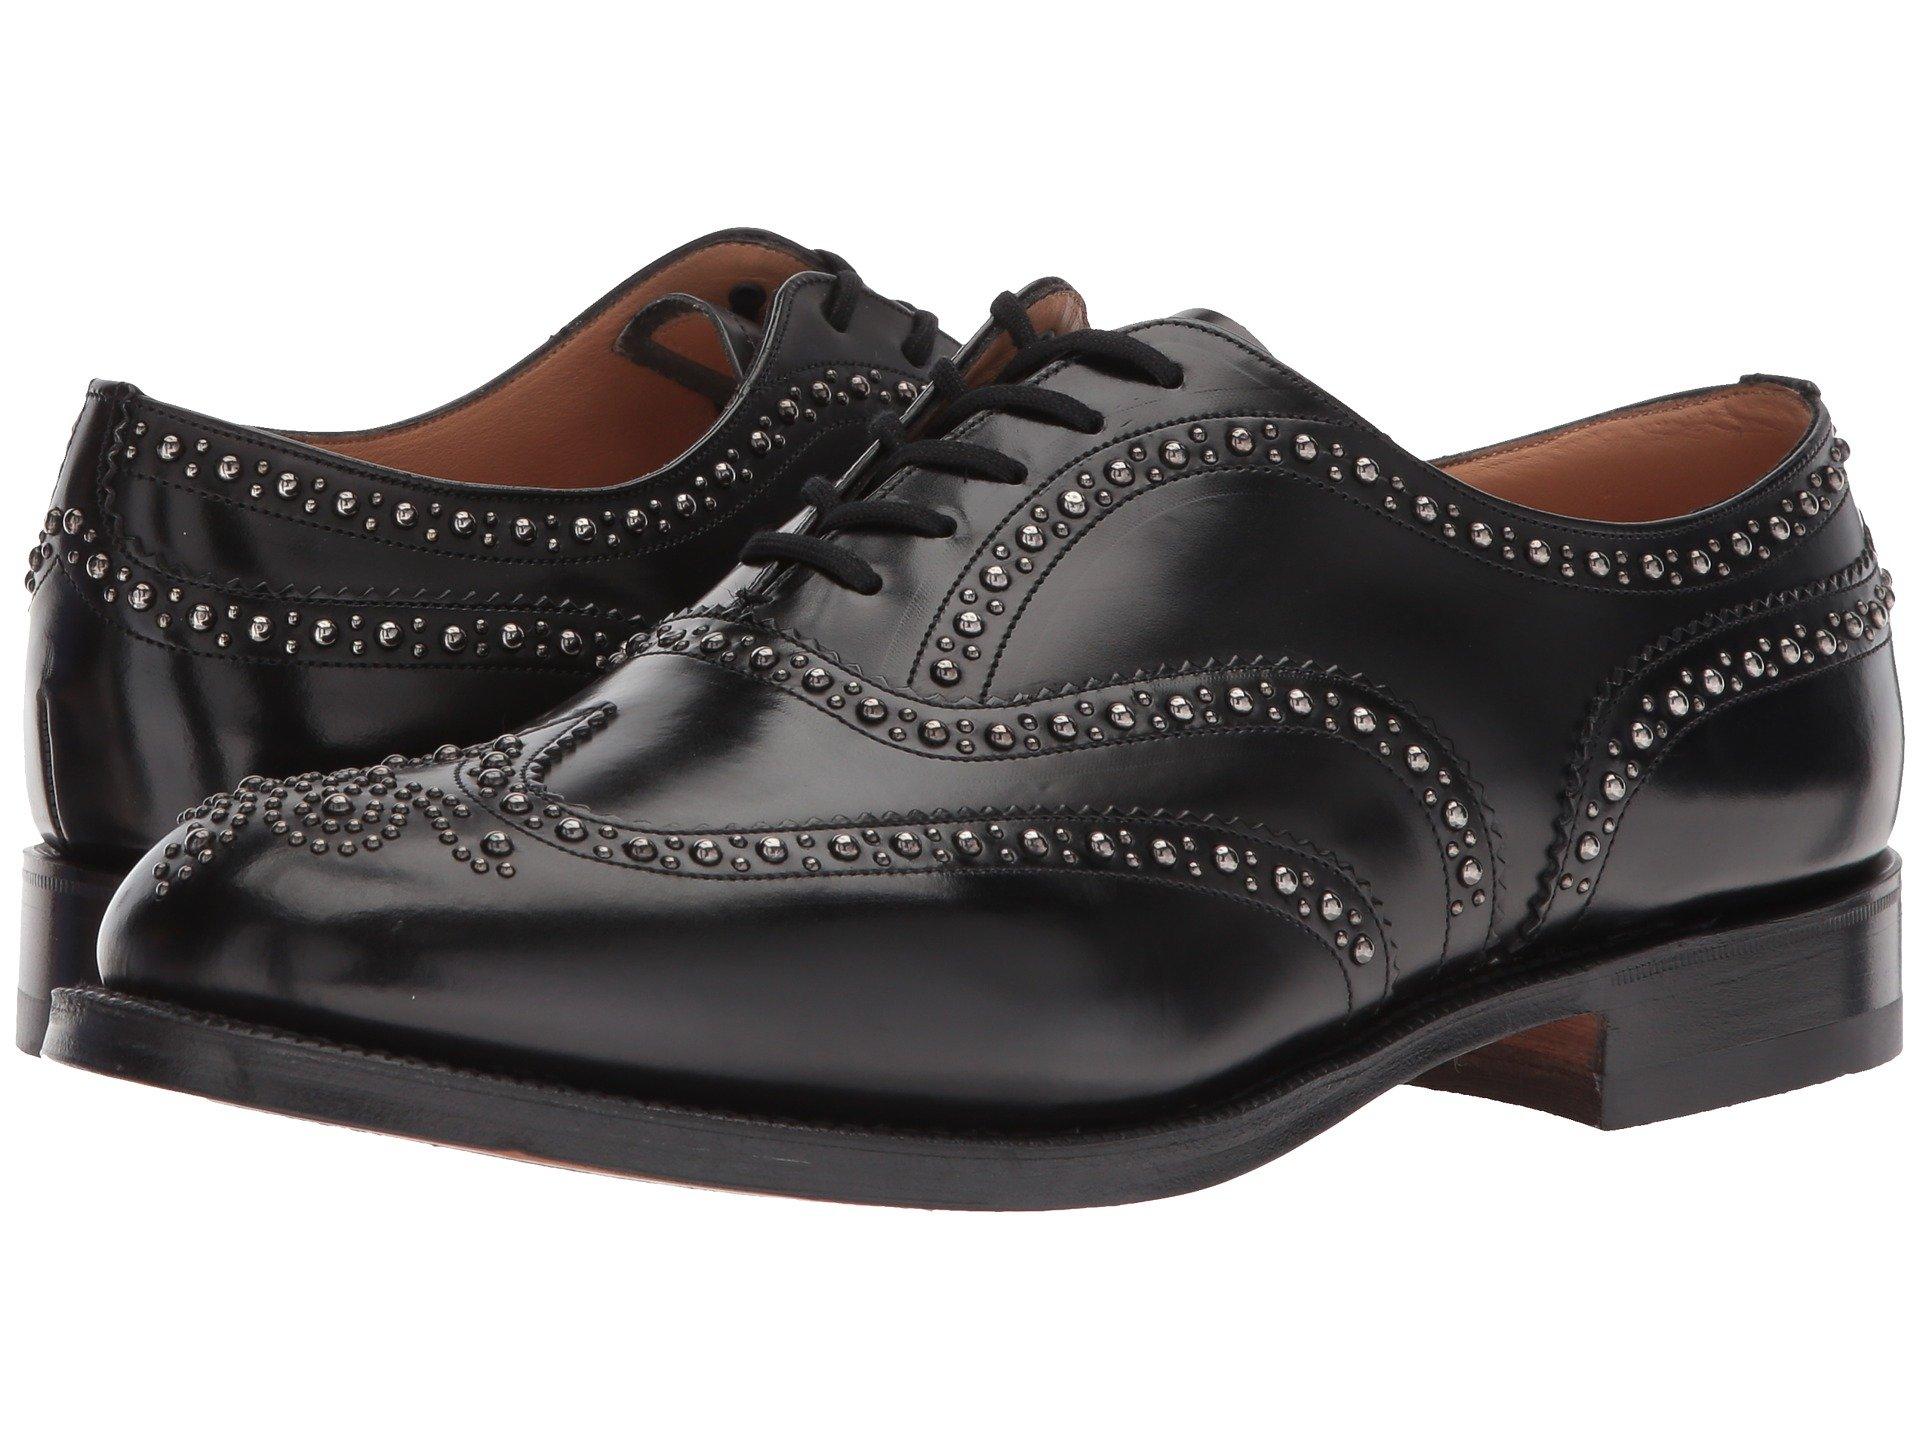 mejor mayorista correr zapatos moda más deseable Men's Church's Shoes + FREE SHIPPING   Zappos.com